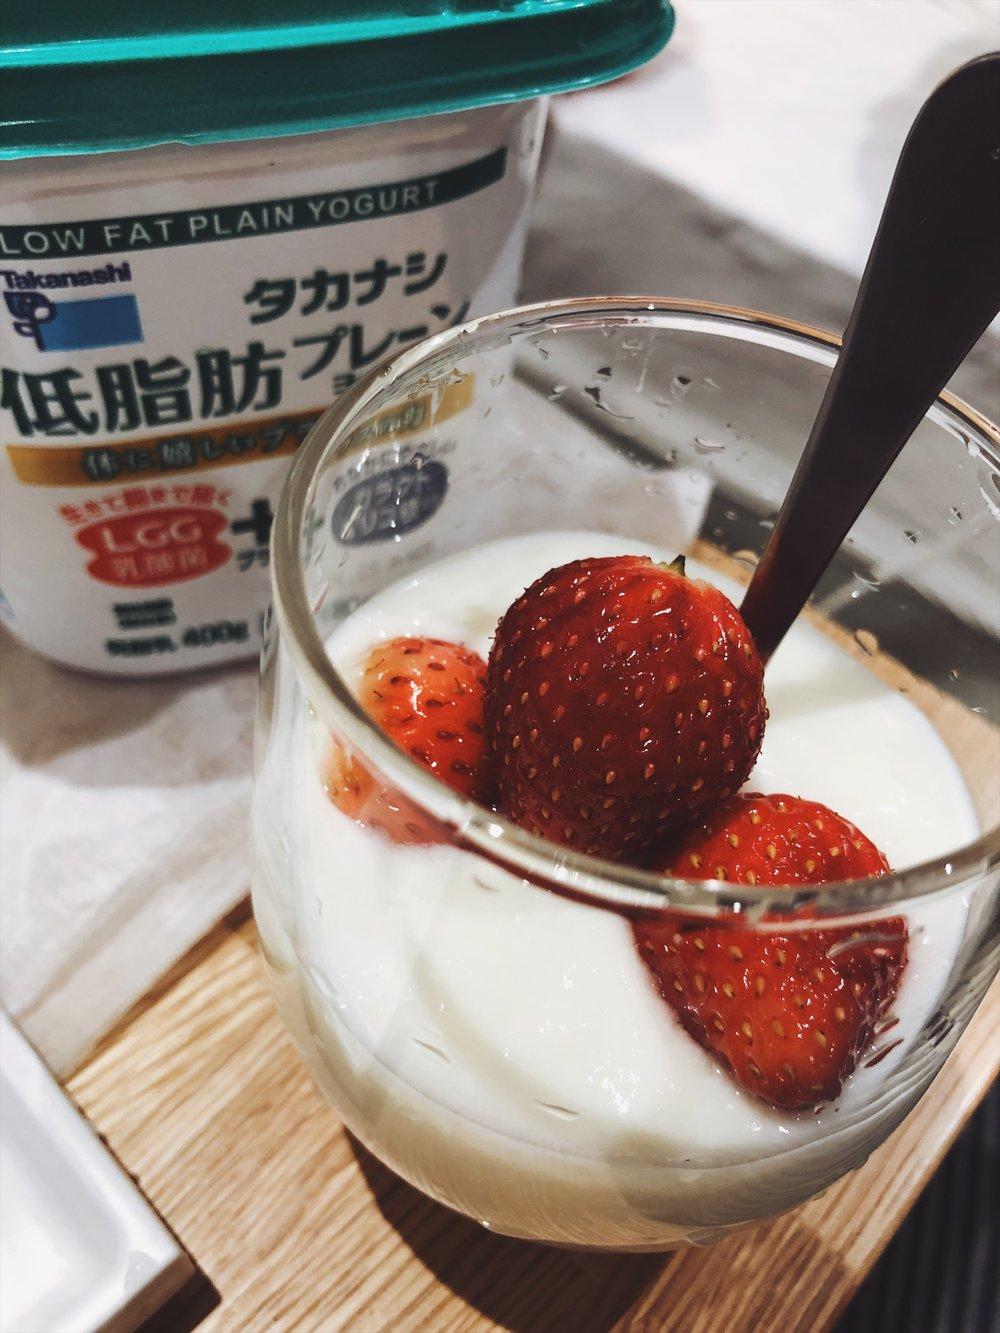 日本旅行時外食少蔬果(特別是拉麵和燒肉吃太多時),記得可以買些不同品種的草莓,搭配很划算的優格,睡前吃、睡起吃。多多益善。